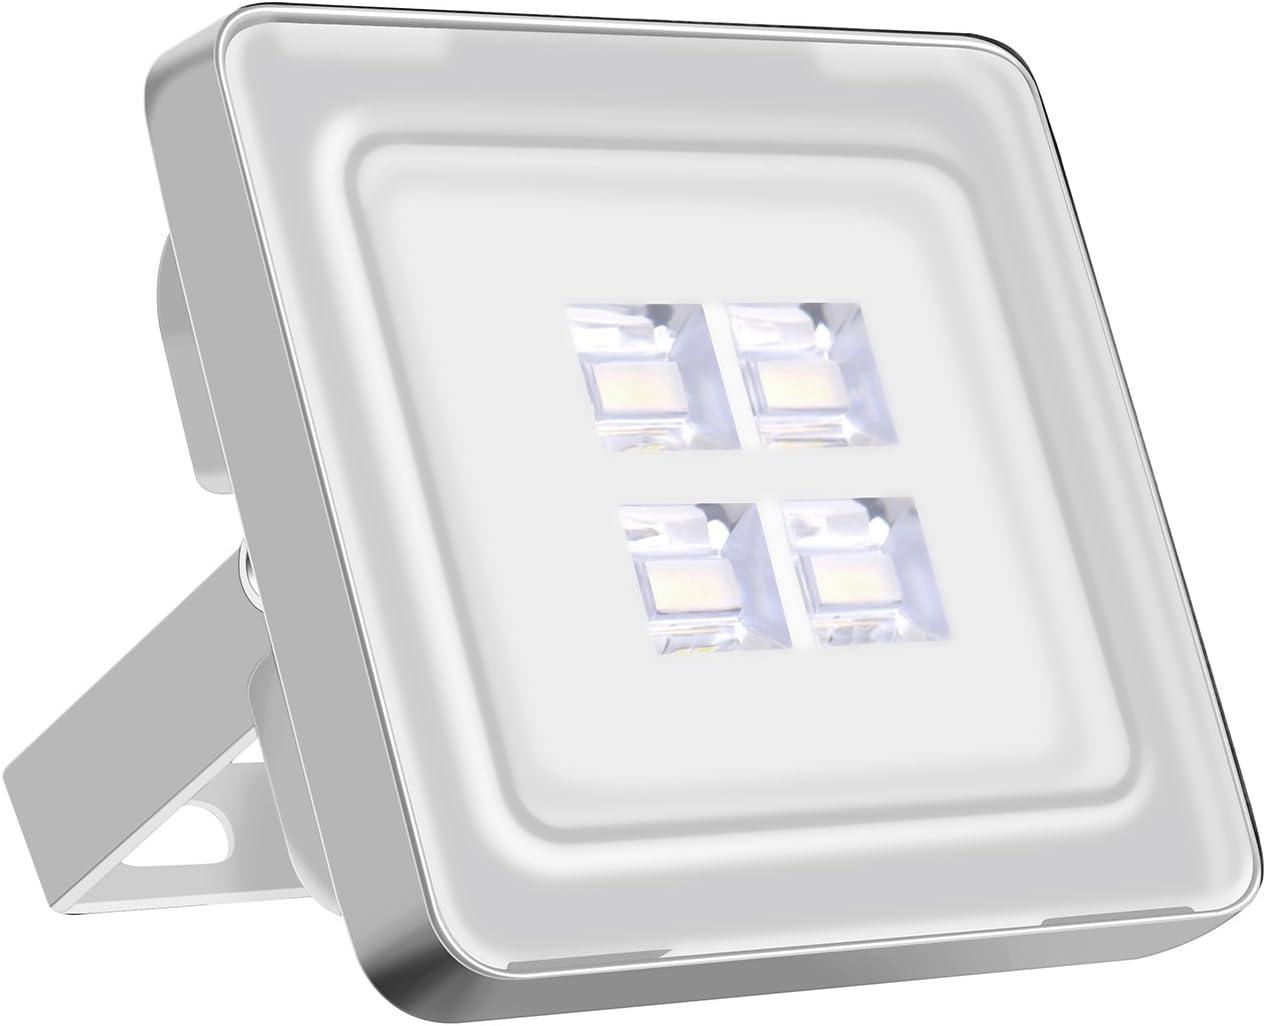 Viugreum Focos LED Exterior 10w / Proyector Reflector de Pared/Iluminación Exterior IP65 Resistente al agua